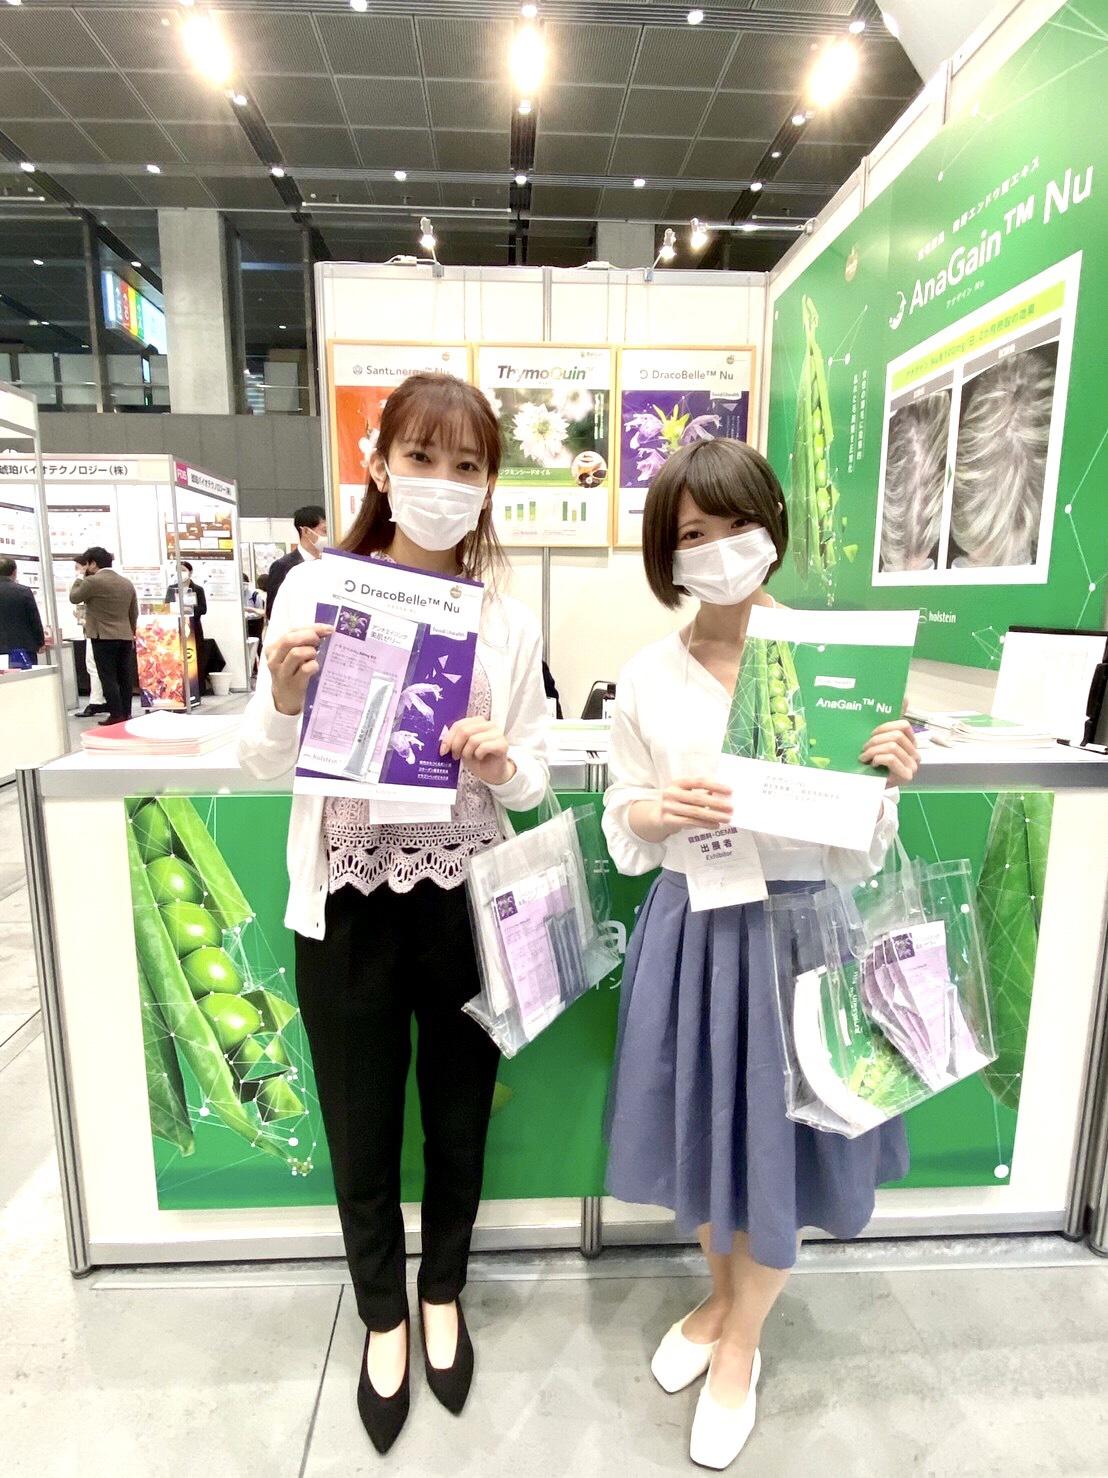 健康原料・OEM展2021@東京国際フォーラム